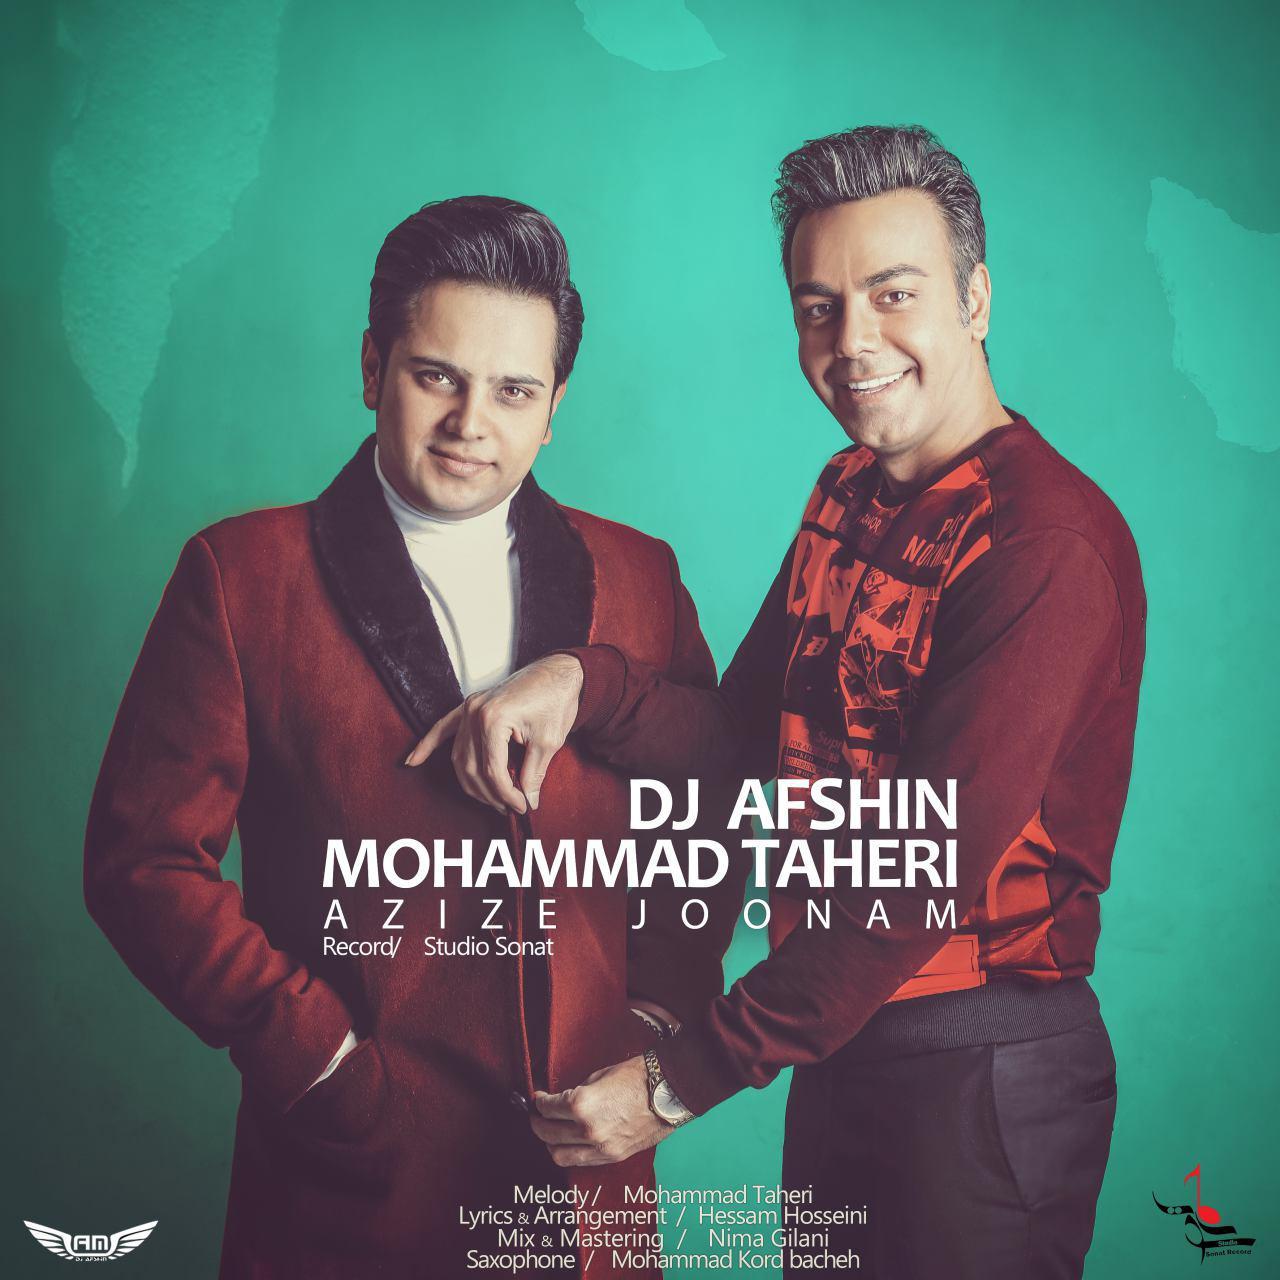 نامبر وان موزیک | دانلود آهنگ جدید Mohammad-Taheri-Ft-Dj-Afshin-Azize-Joonam